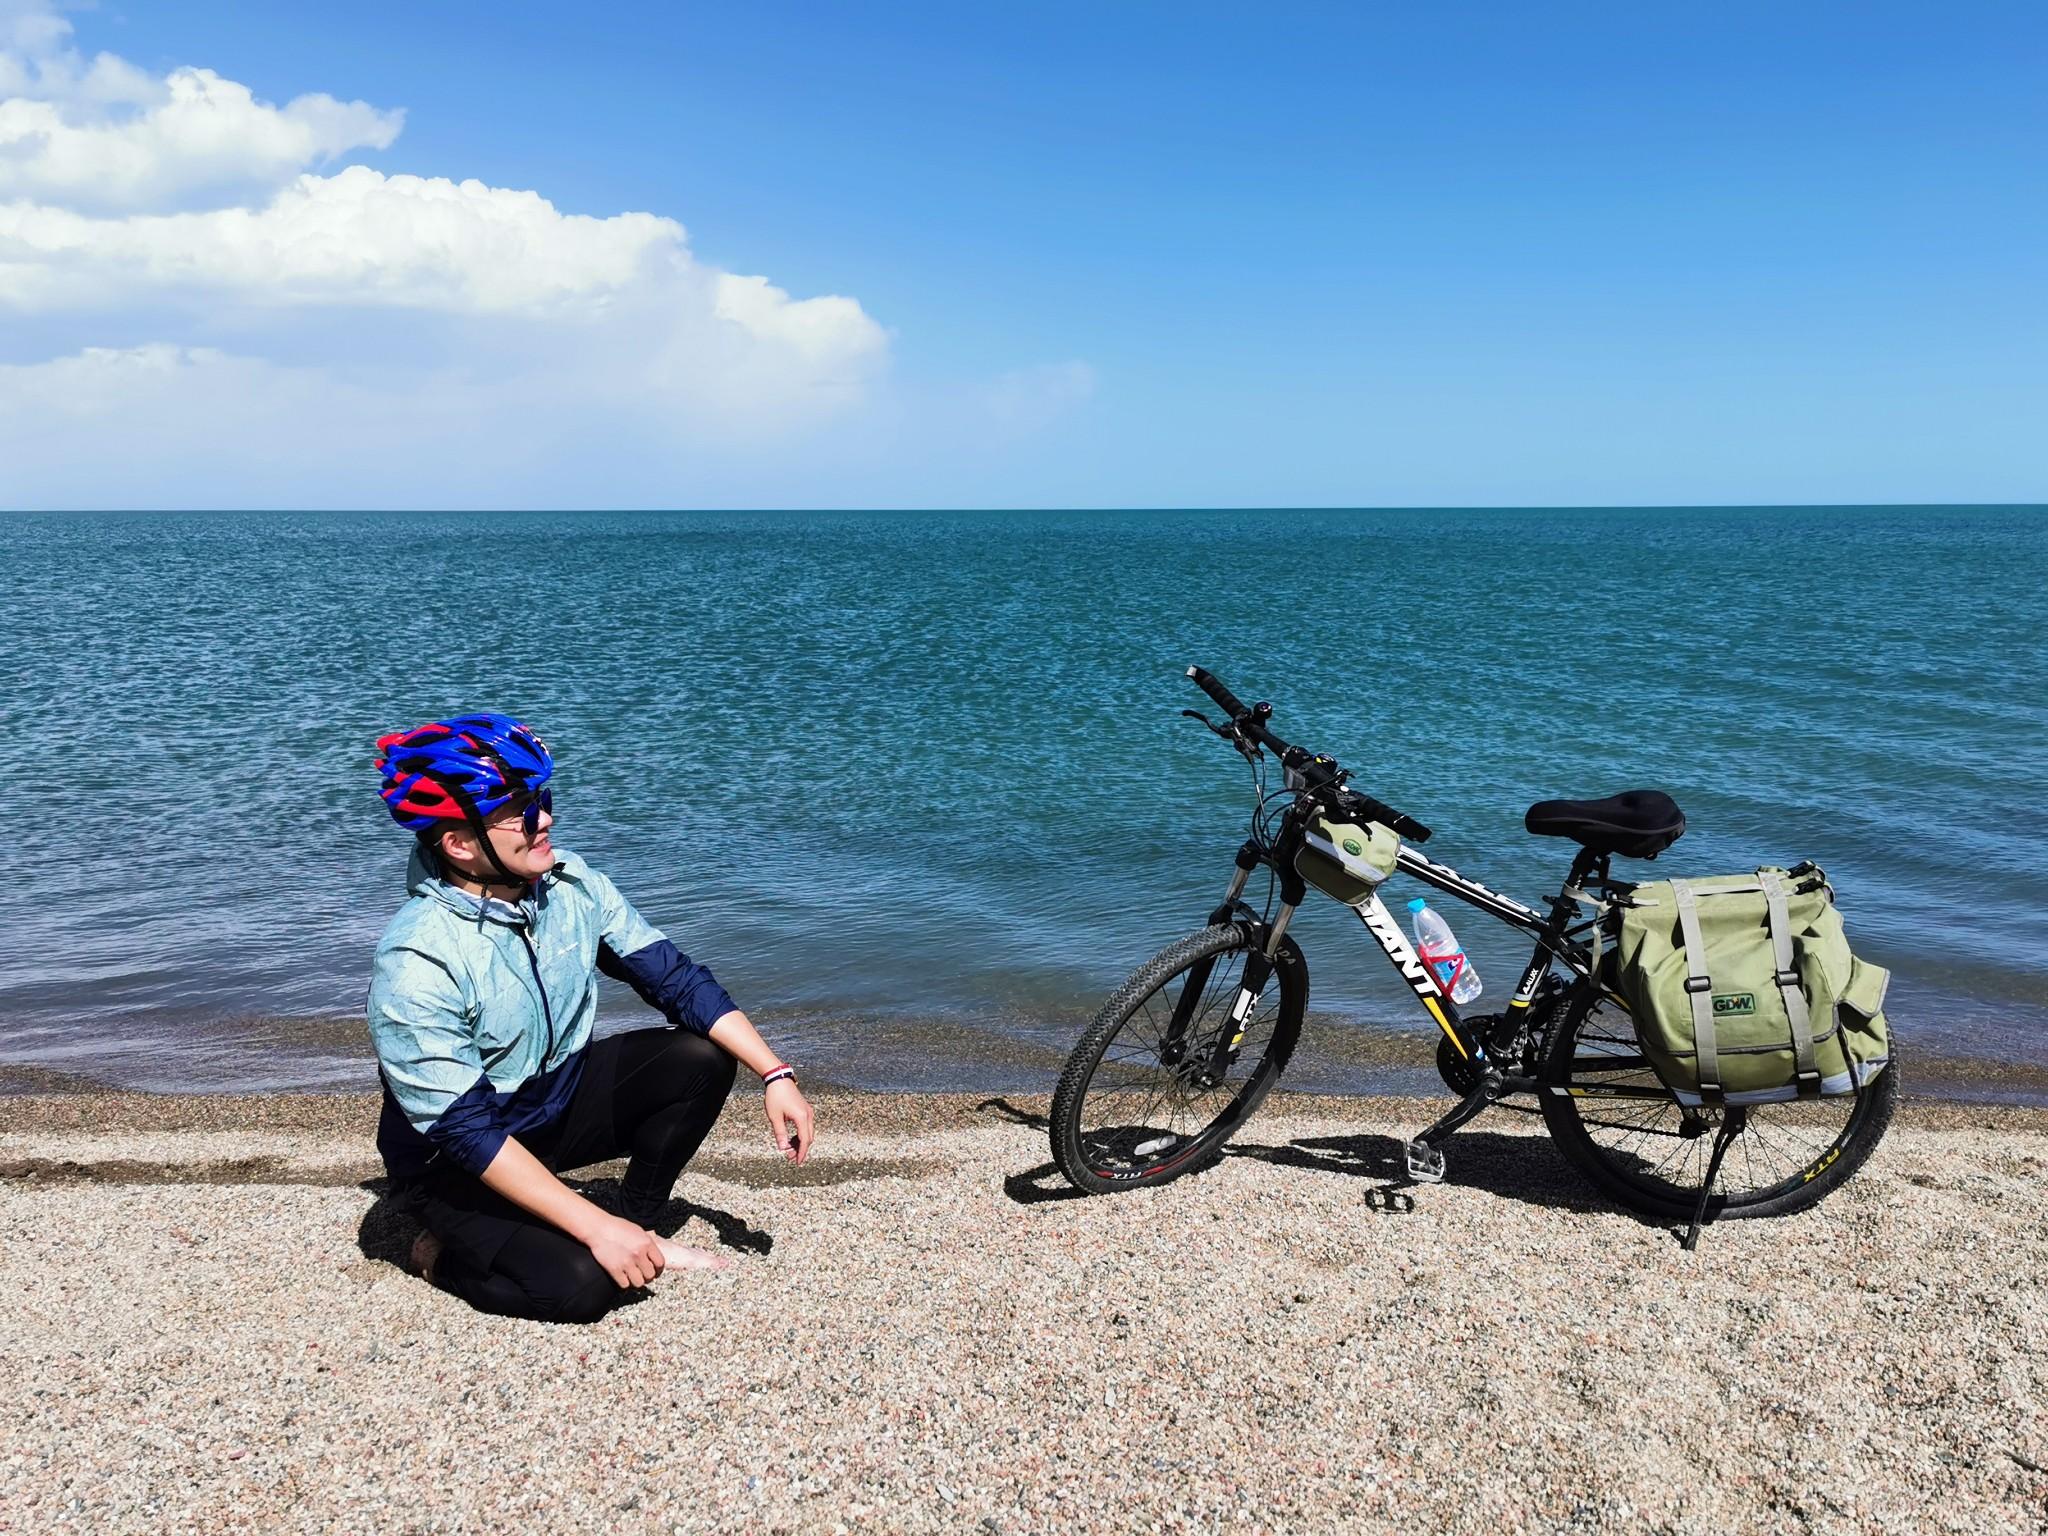 ·【2020环骑青海湖】2个轱辘 360公里 丈量自我与山河!_游记